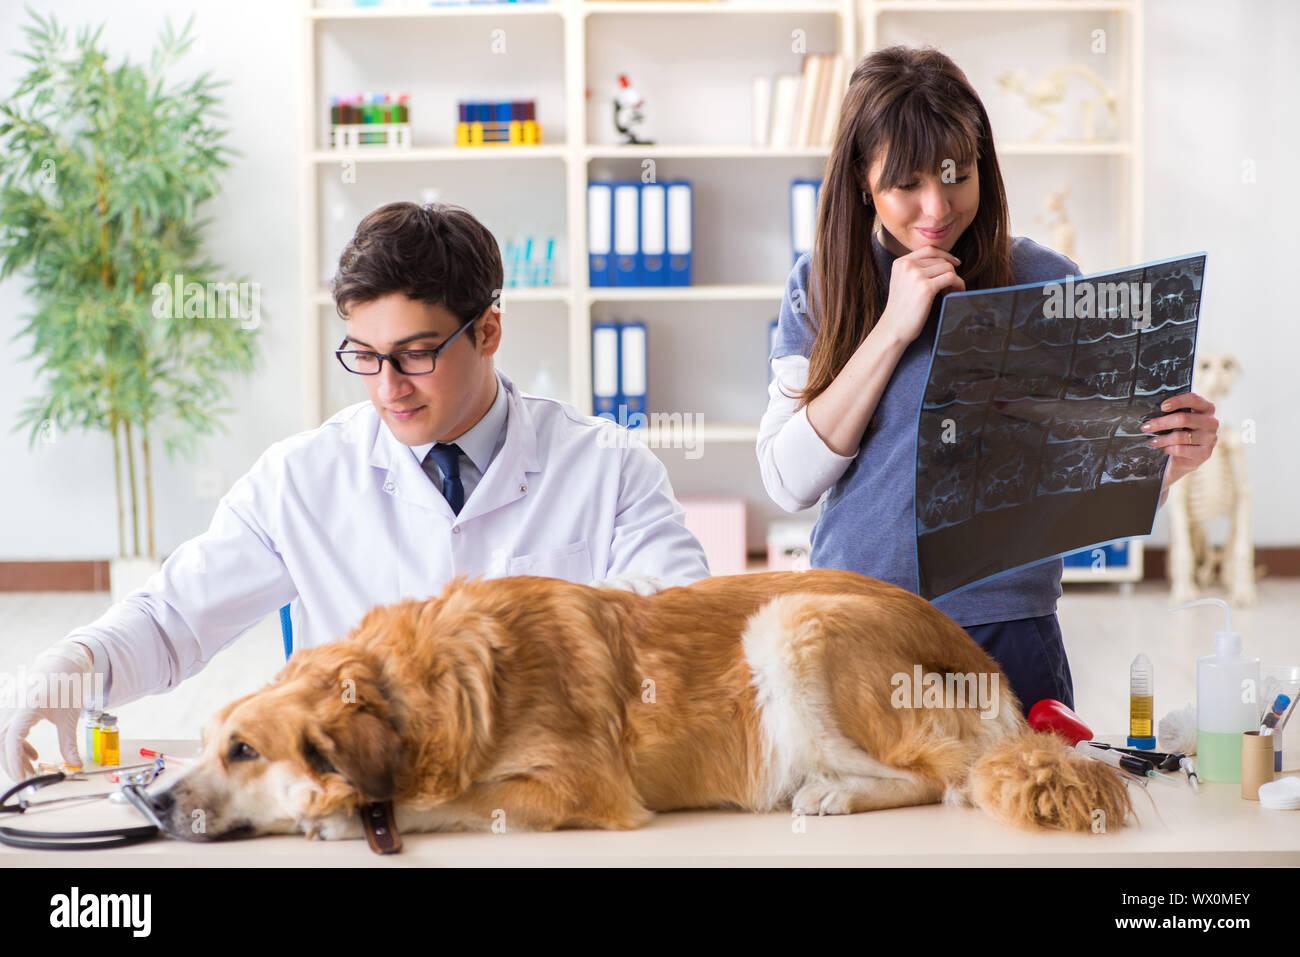 Médecin et sous contrôle jusqu'golden retriever dog dans l'EFP cli Banque D'Images